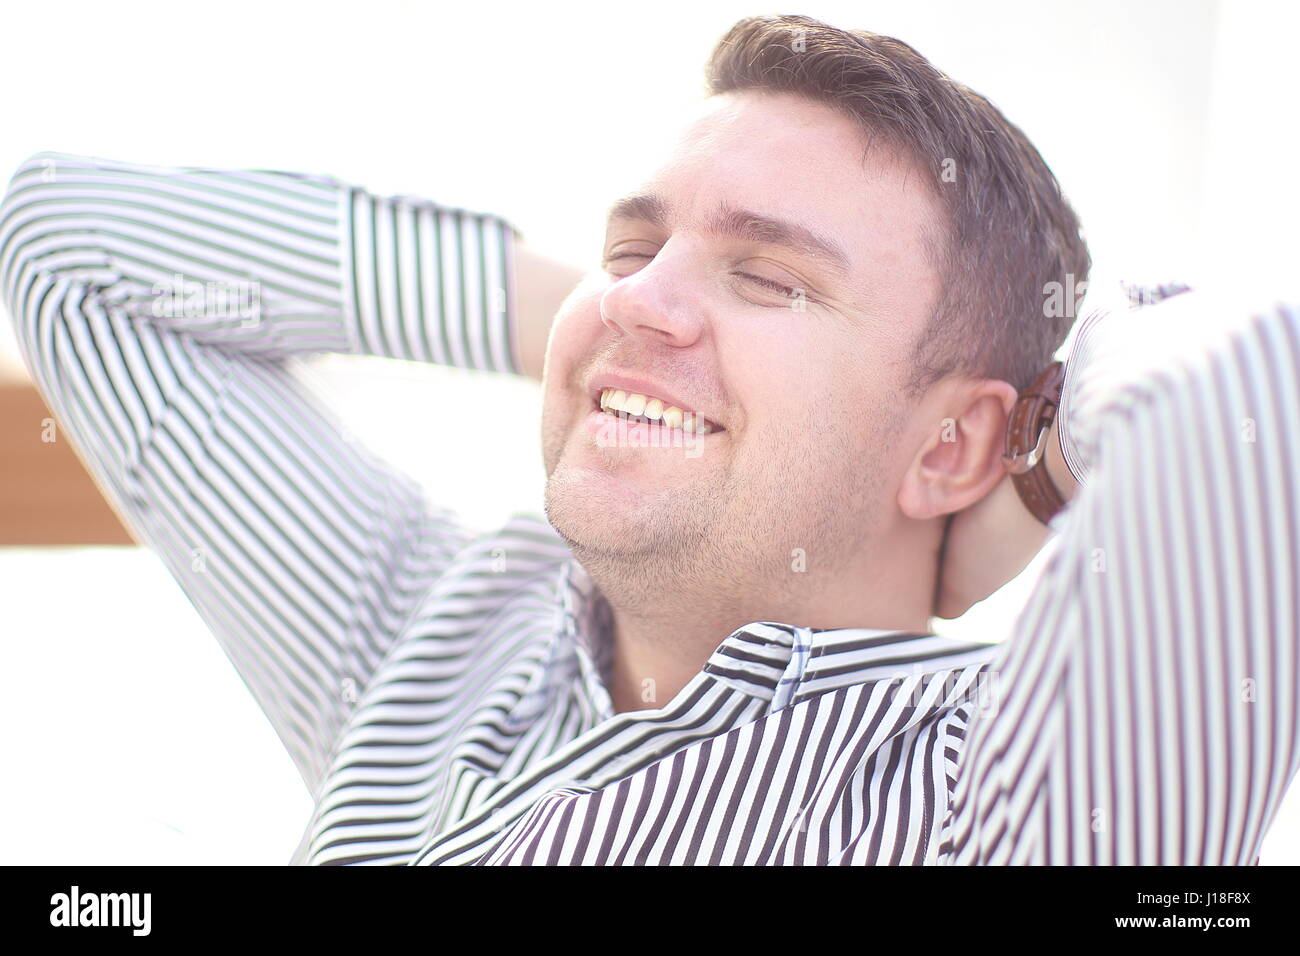 Facce Di Persone Famose.Smile Maschere Di Persone Famose Ameriie Facce Di Cartone